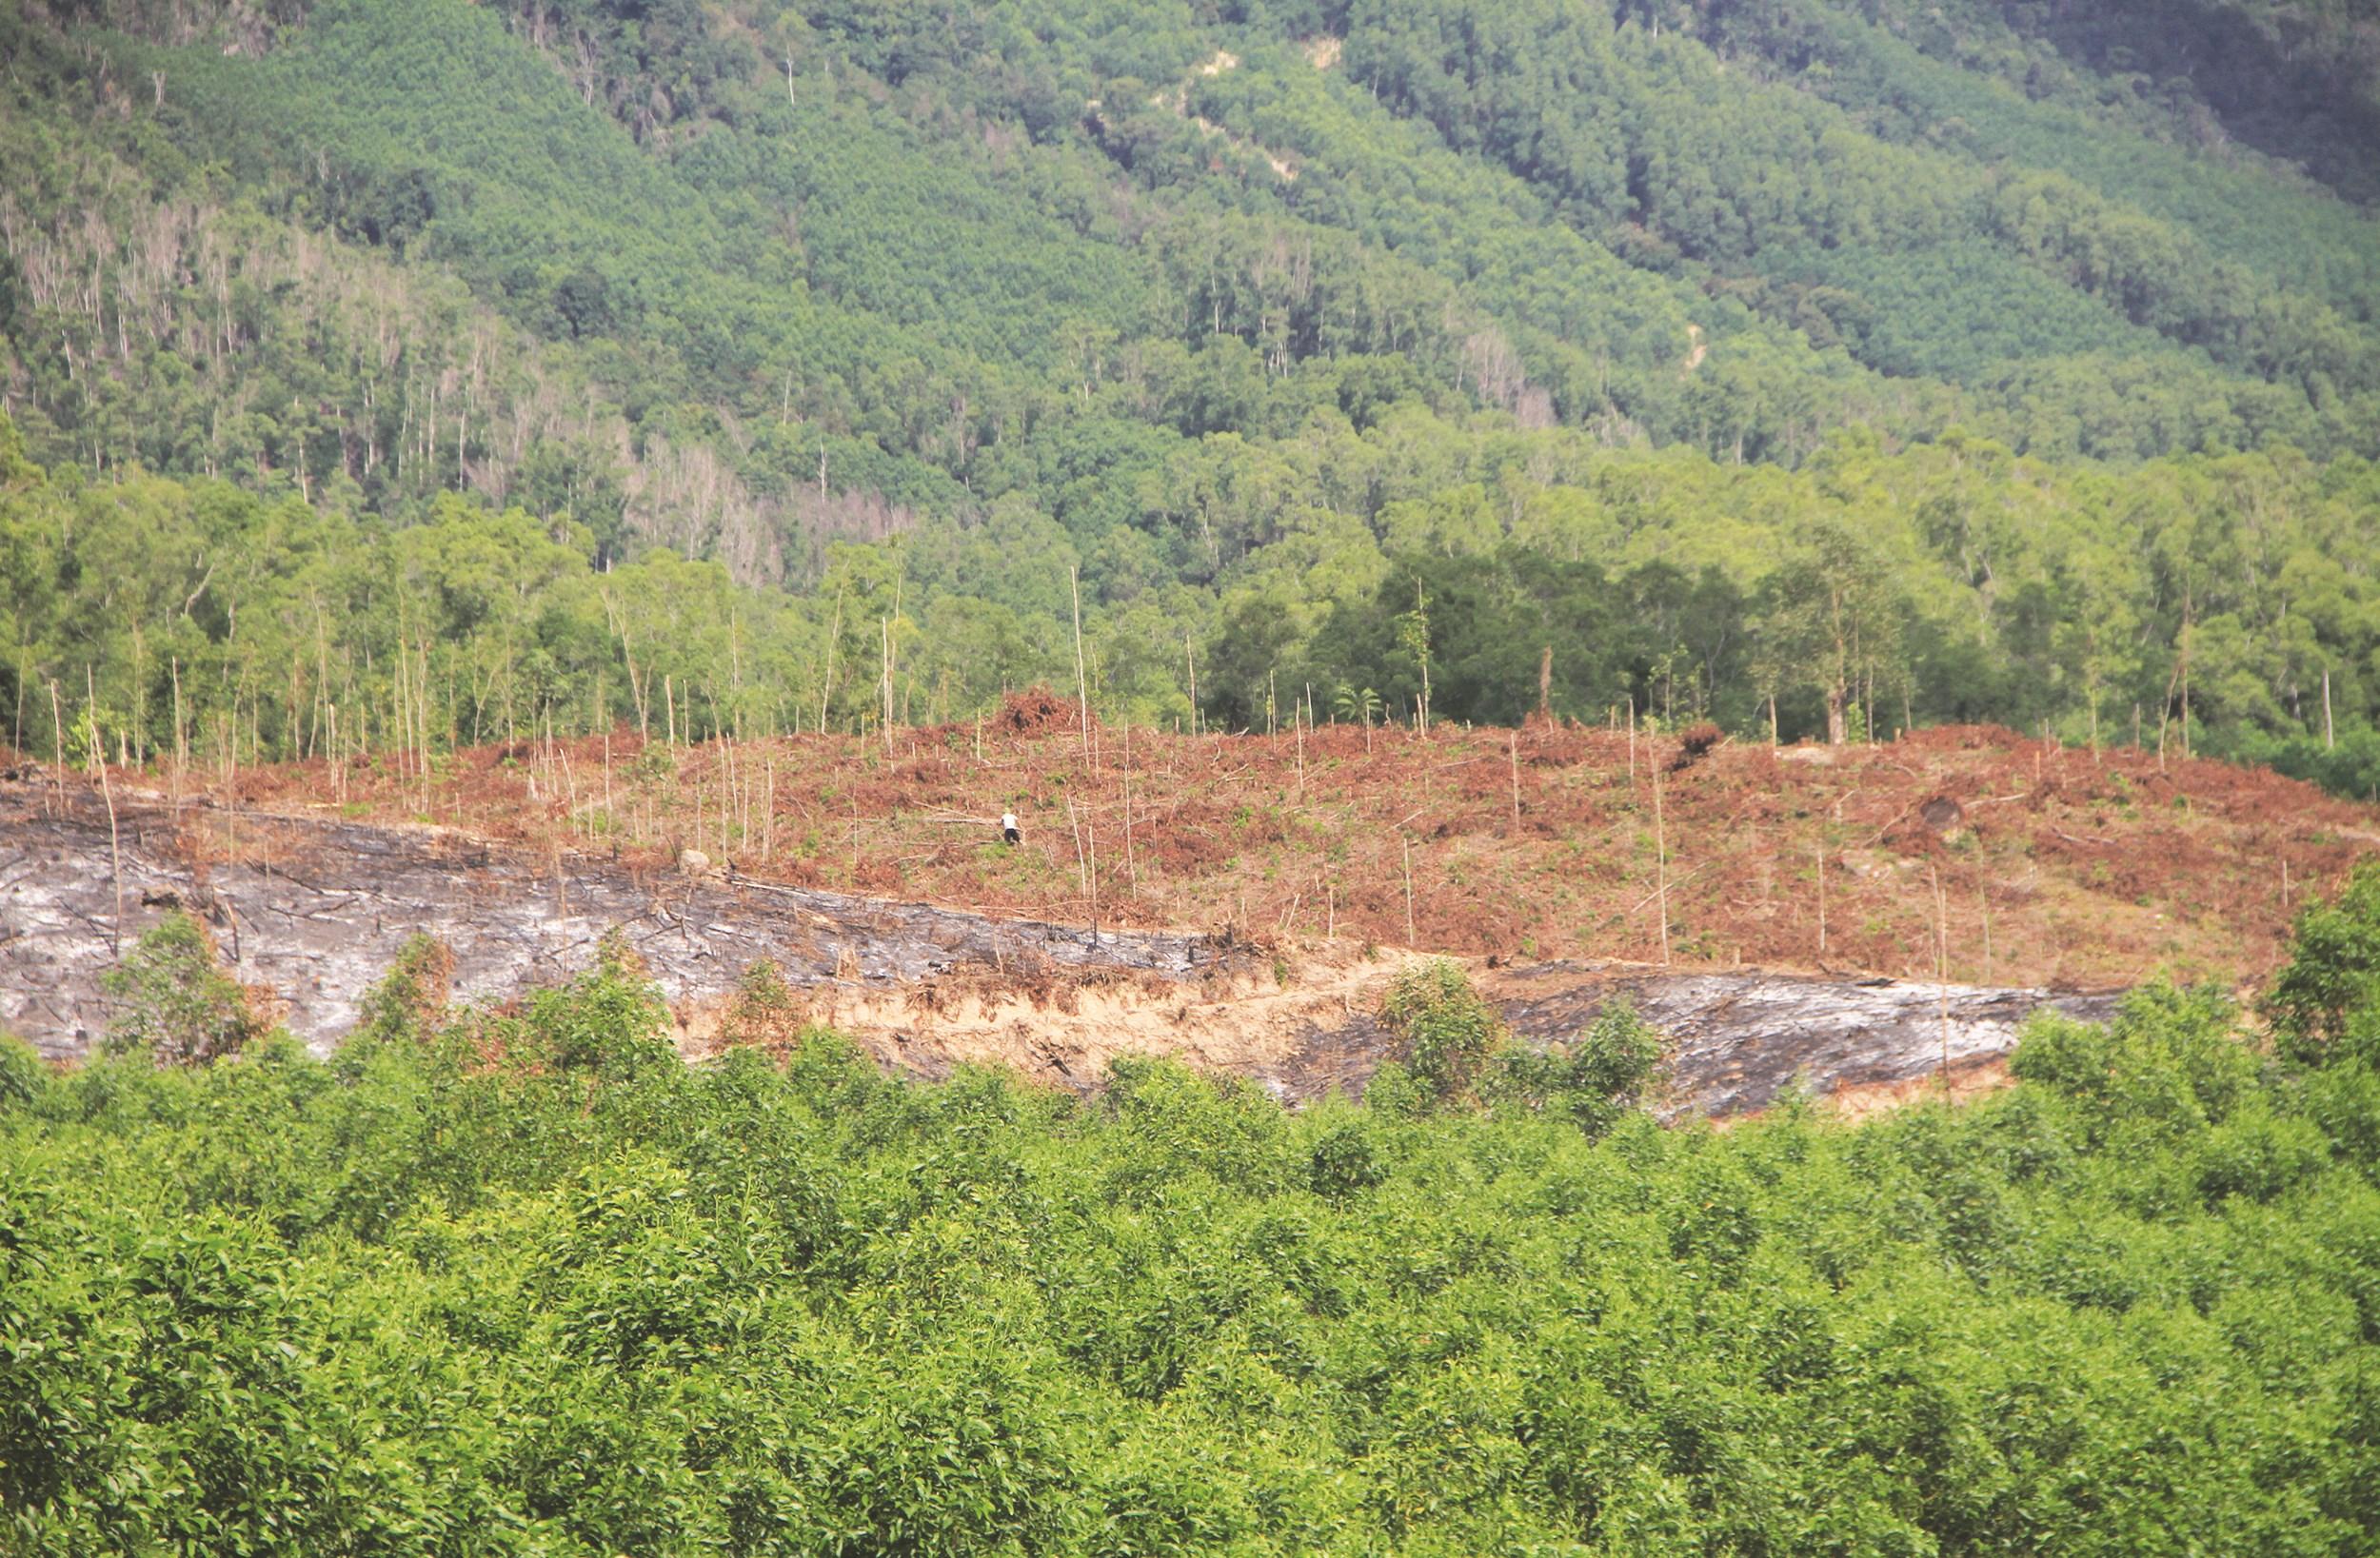 Nhiều người dân thiếu đất nên lấn chiếm đất lâm nghiệp để sản xuất